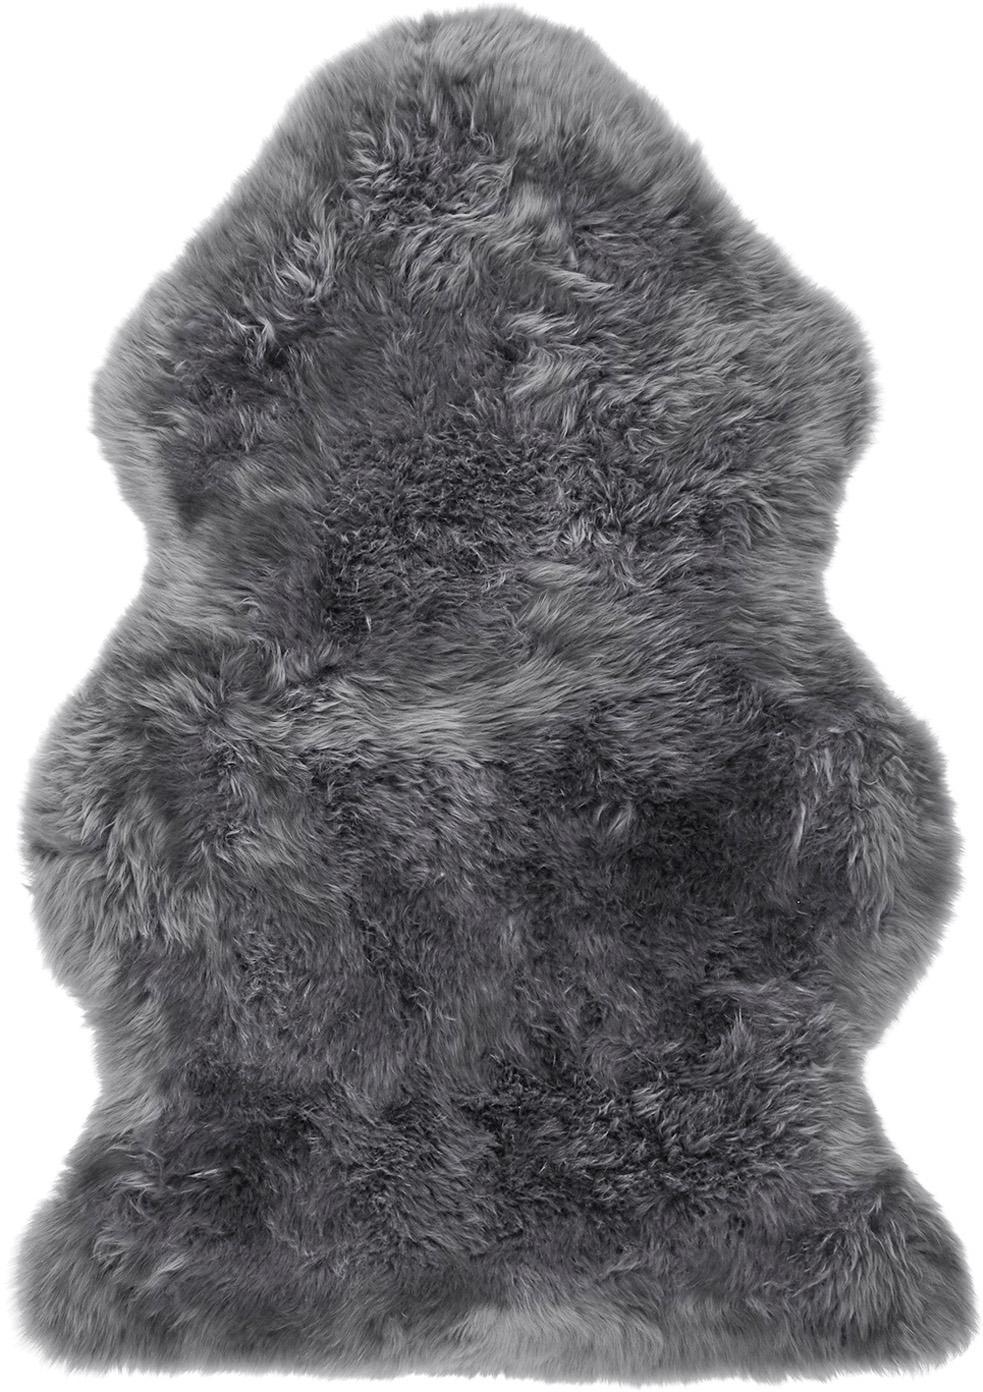 Schapenvacht Oslo, glad, Bovenzijde: 100% schapenvacht, Onderzijde: 100% leer, chroomvrij gel, Donkergrijs, 60 x 90 cm